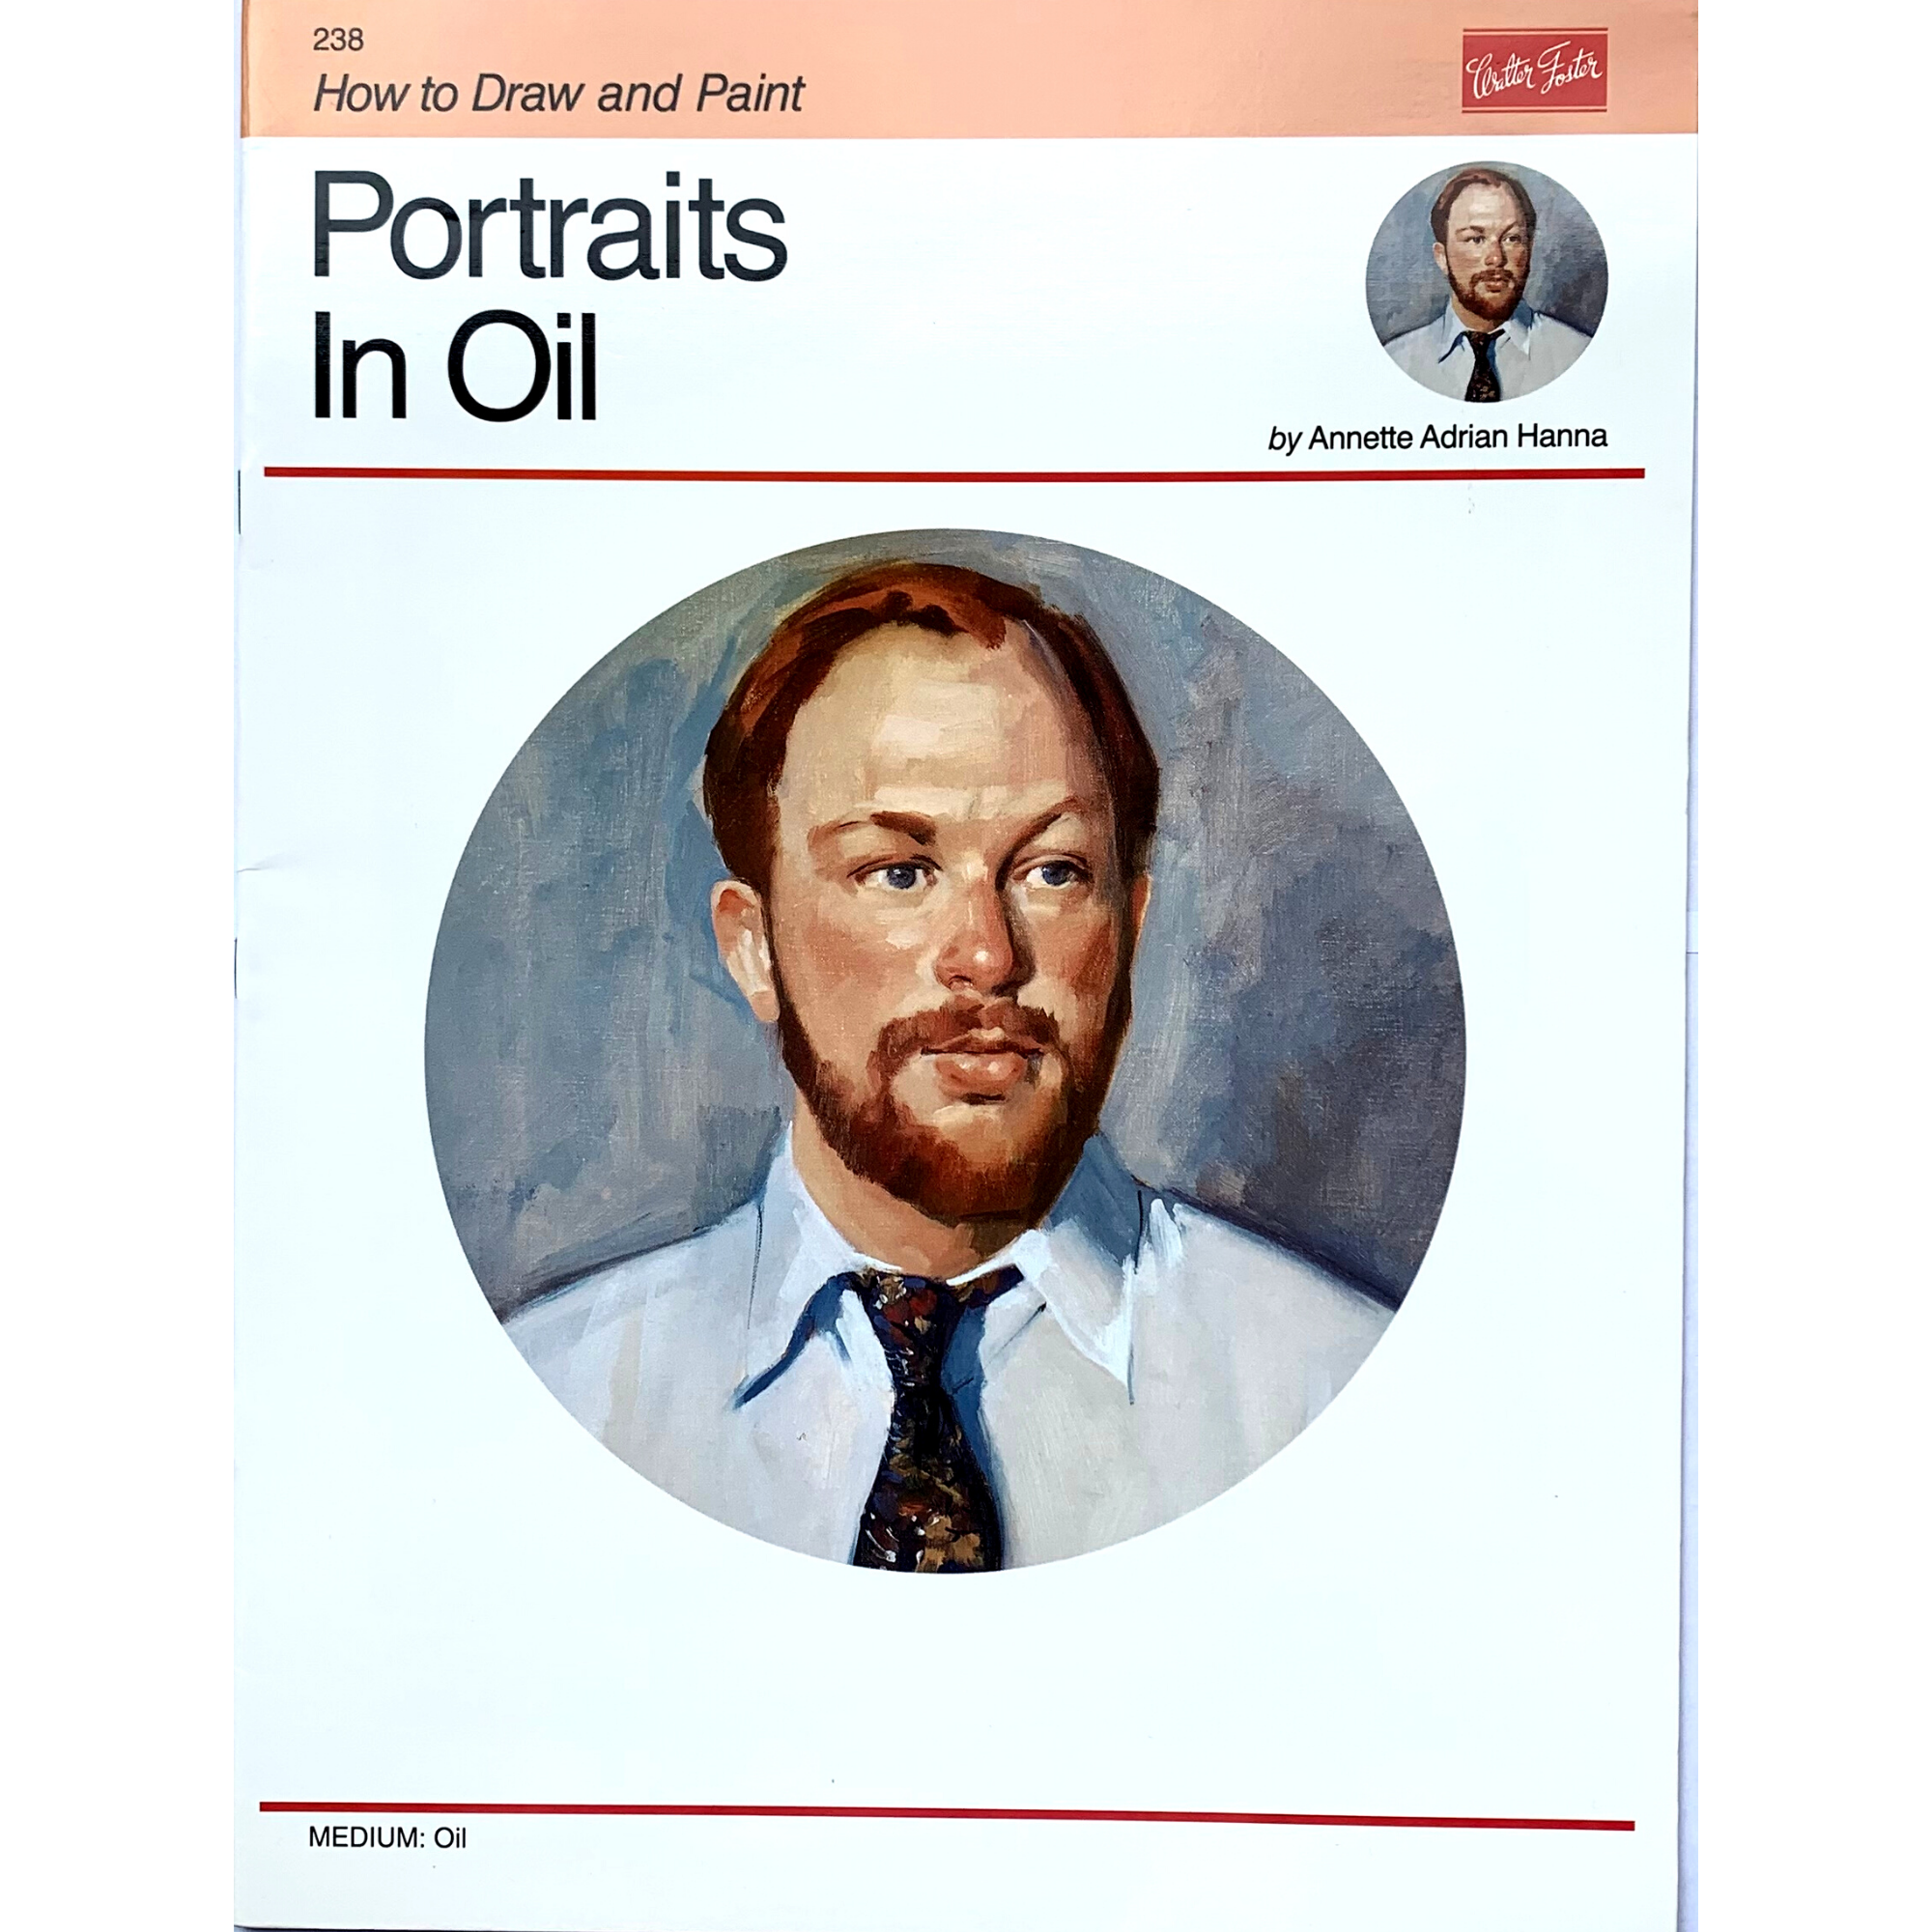 REVISTA WALTER FOSTER 238 PORTRAITS IN OIL